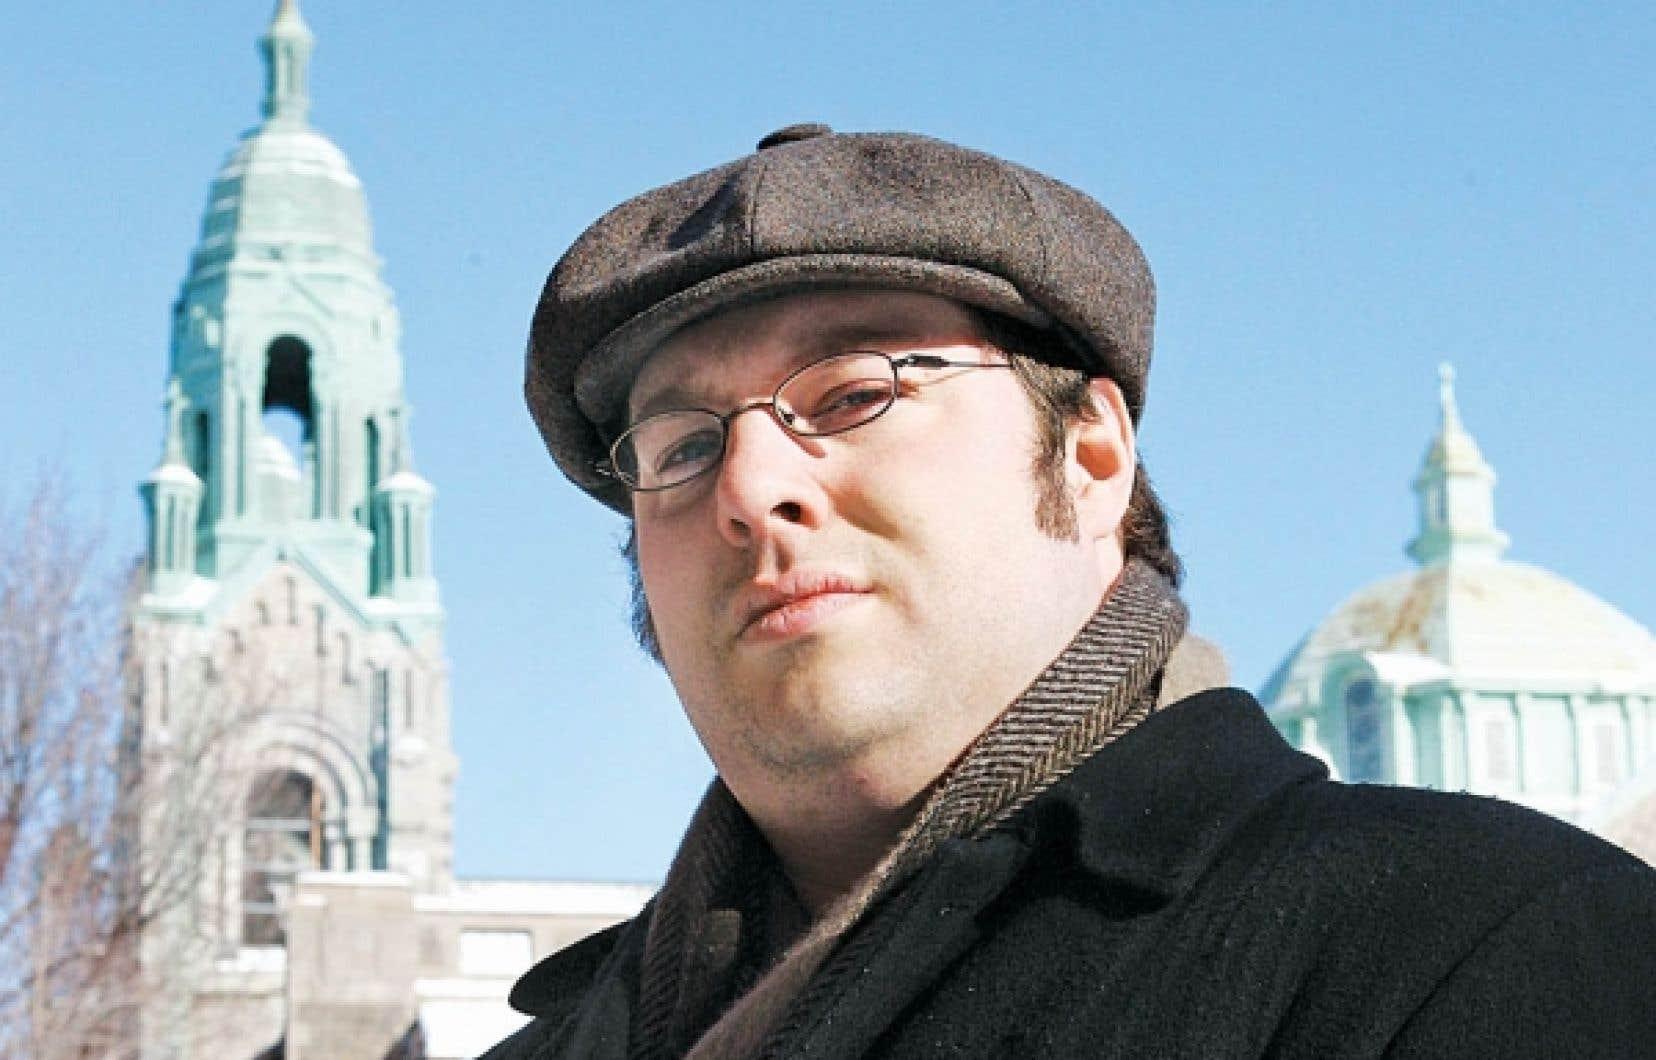 Mathieu Bock-Côté: «À travers la lutte contre les derniers signes du christianisme, ce qu'on conteste, c'est l'identité québécoise et son enracinement dans la civilisation occidentale. Le multiculturalisme rappelle ainsi que le Québec n'est pas une histoire mais une page blanche et que toutes les traditions culturelles devraient disposer du même traitement dans l'espace public. Mais, nous le savons, au Québec comme ailleurs, cette entreprise de javellisation identitaire est très mal perçue et génère un malaise profond qui a souvent l'allure d'un sentiment de dépossession.